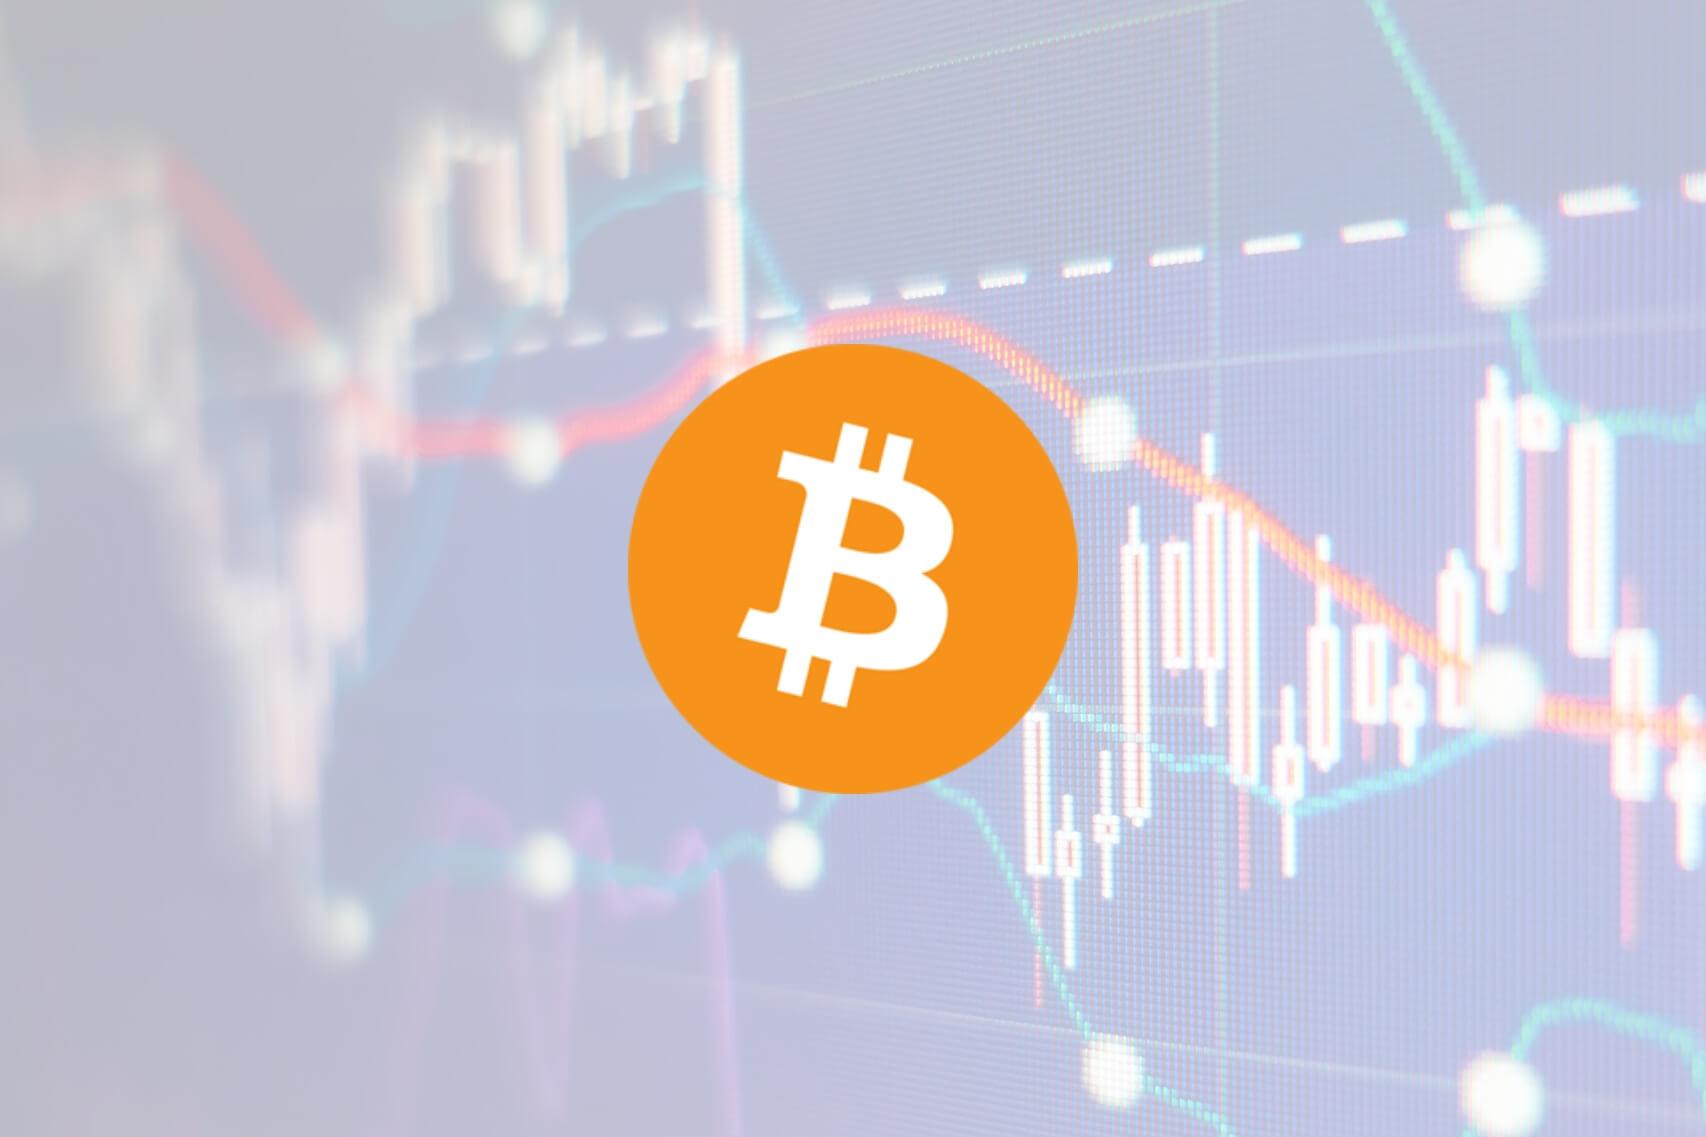 BTC Price Analysis